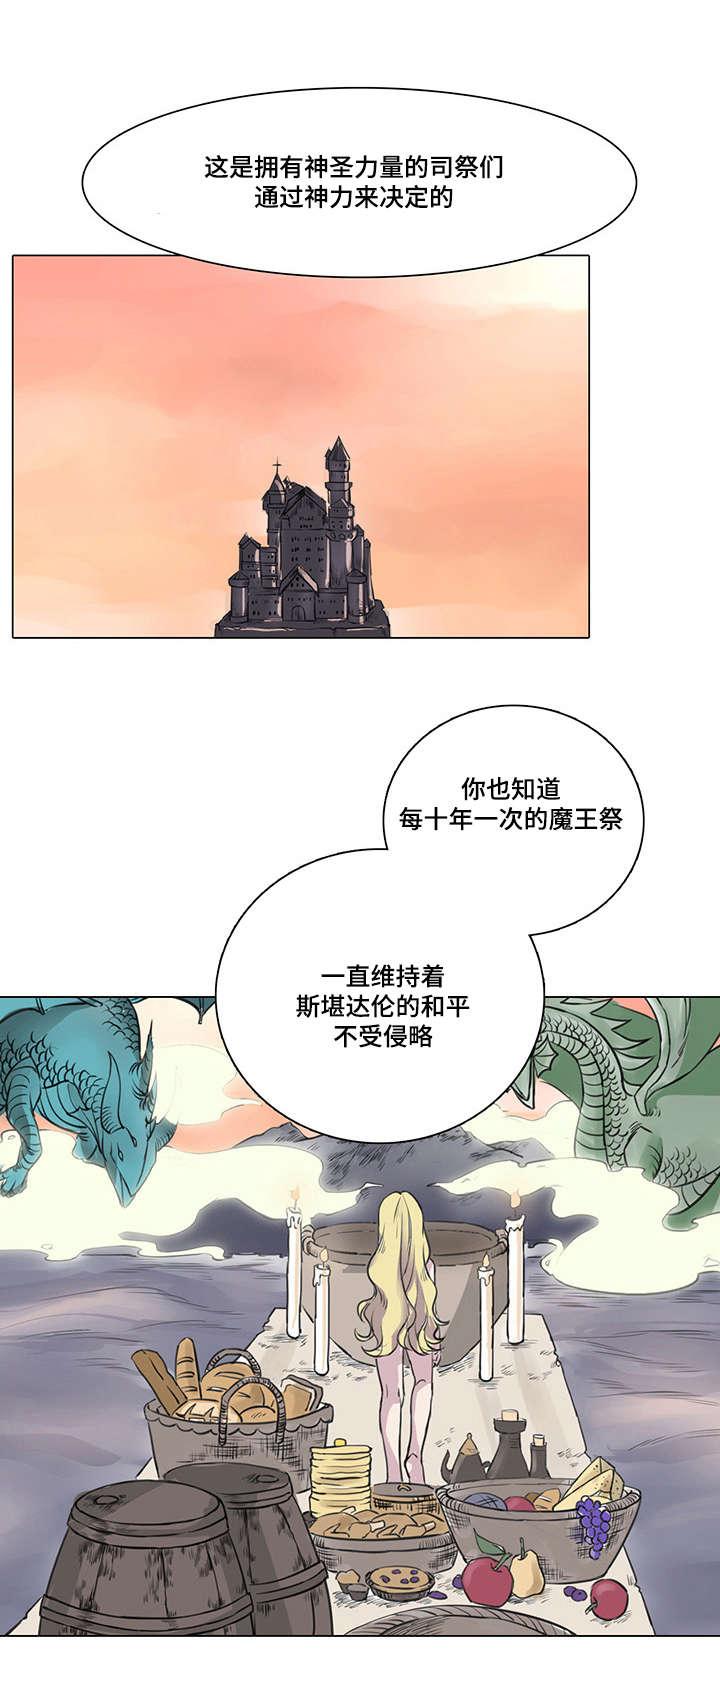 《献祭魔王》漫画免费&完整版 ——(全文 在线 阅读)